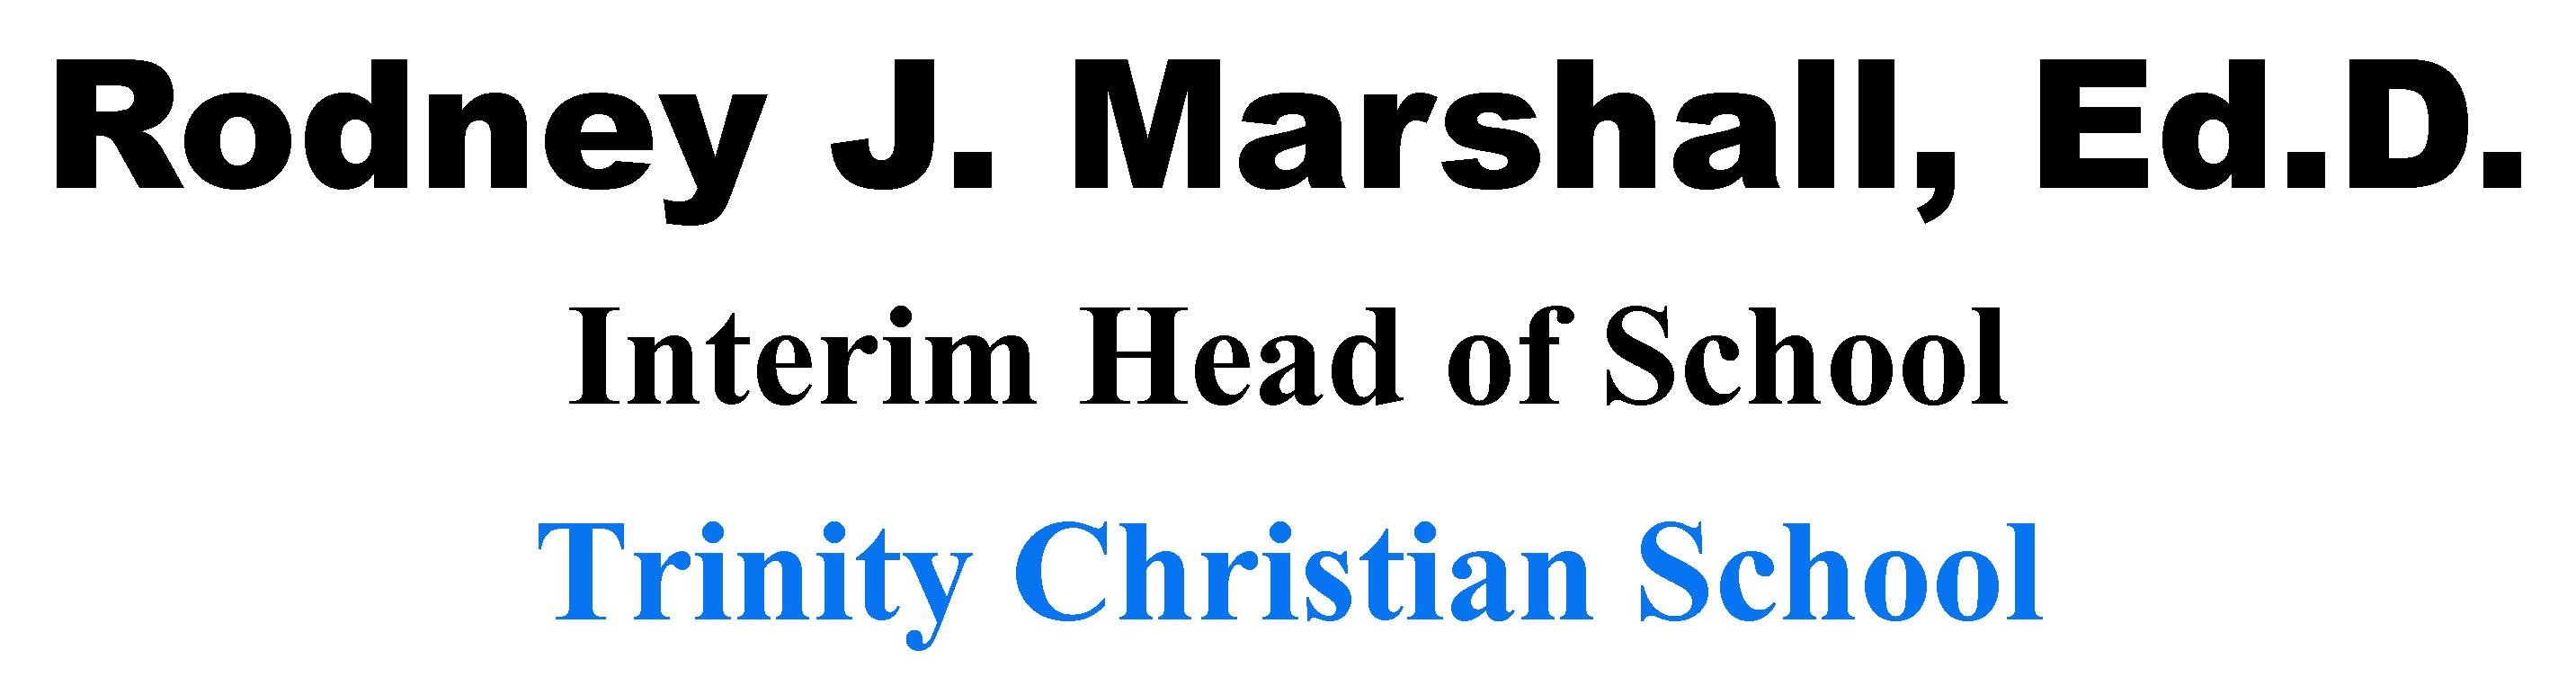 Rodney Marshall, Ed.D.